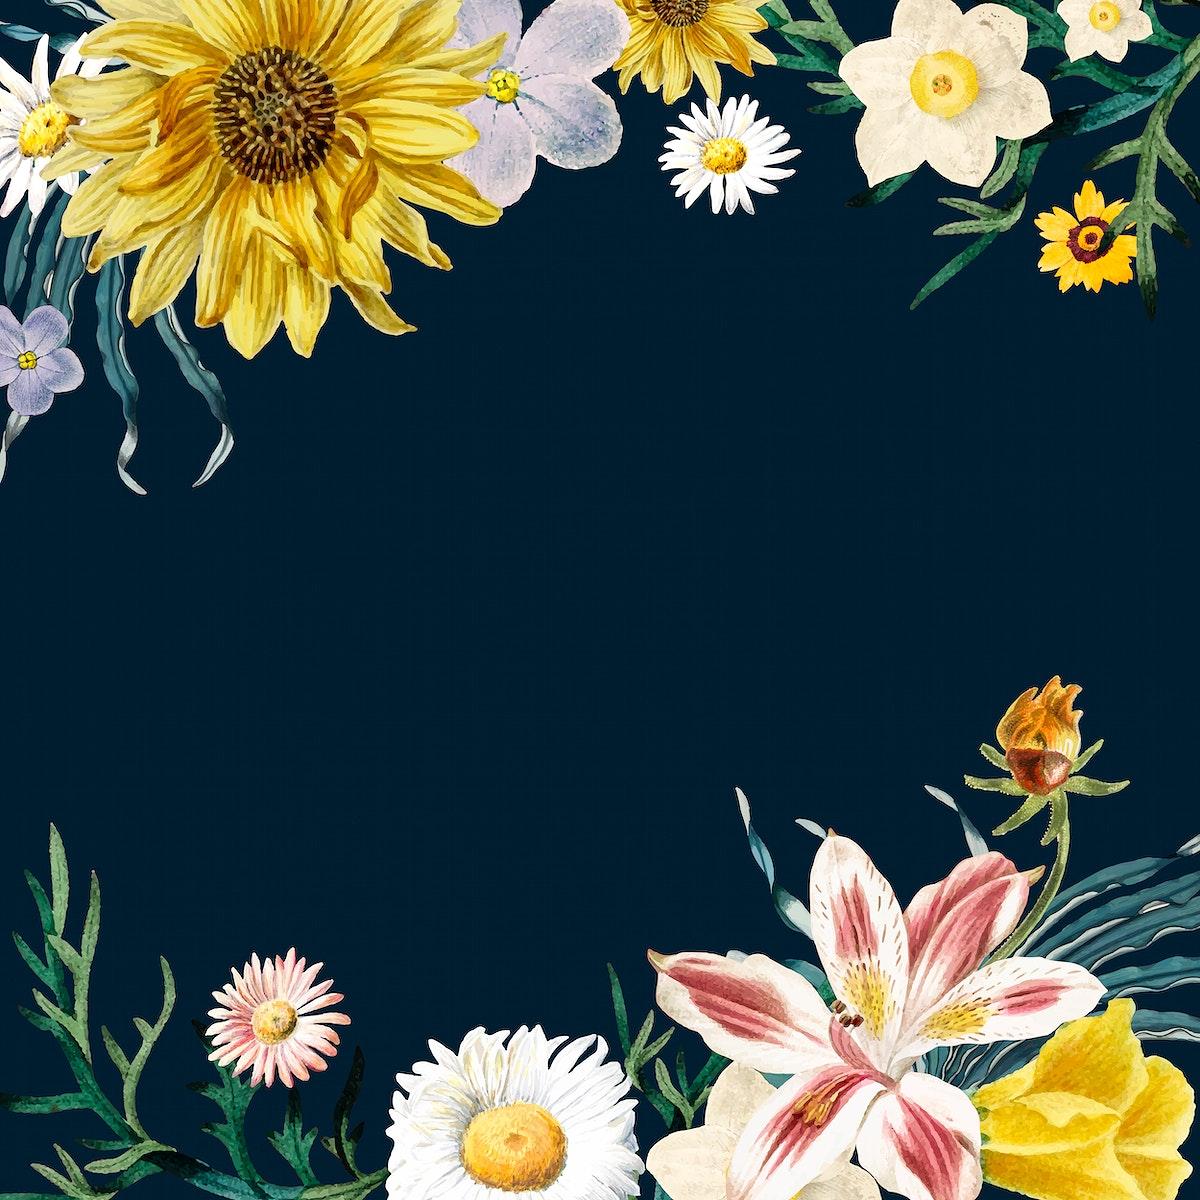 Summer floral border psd vintage style